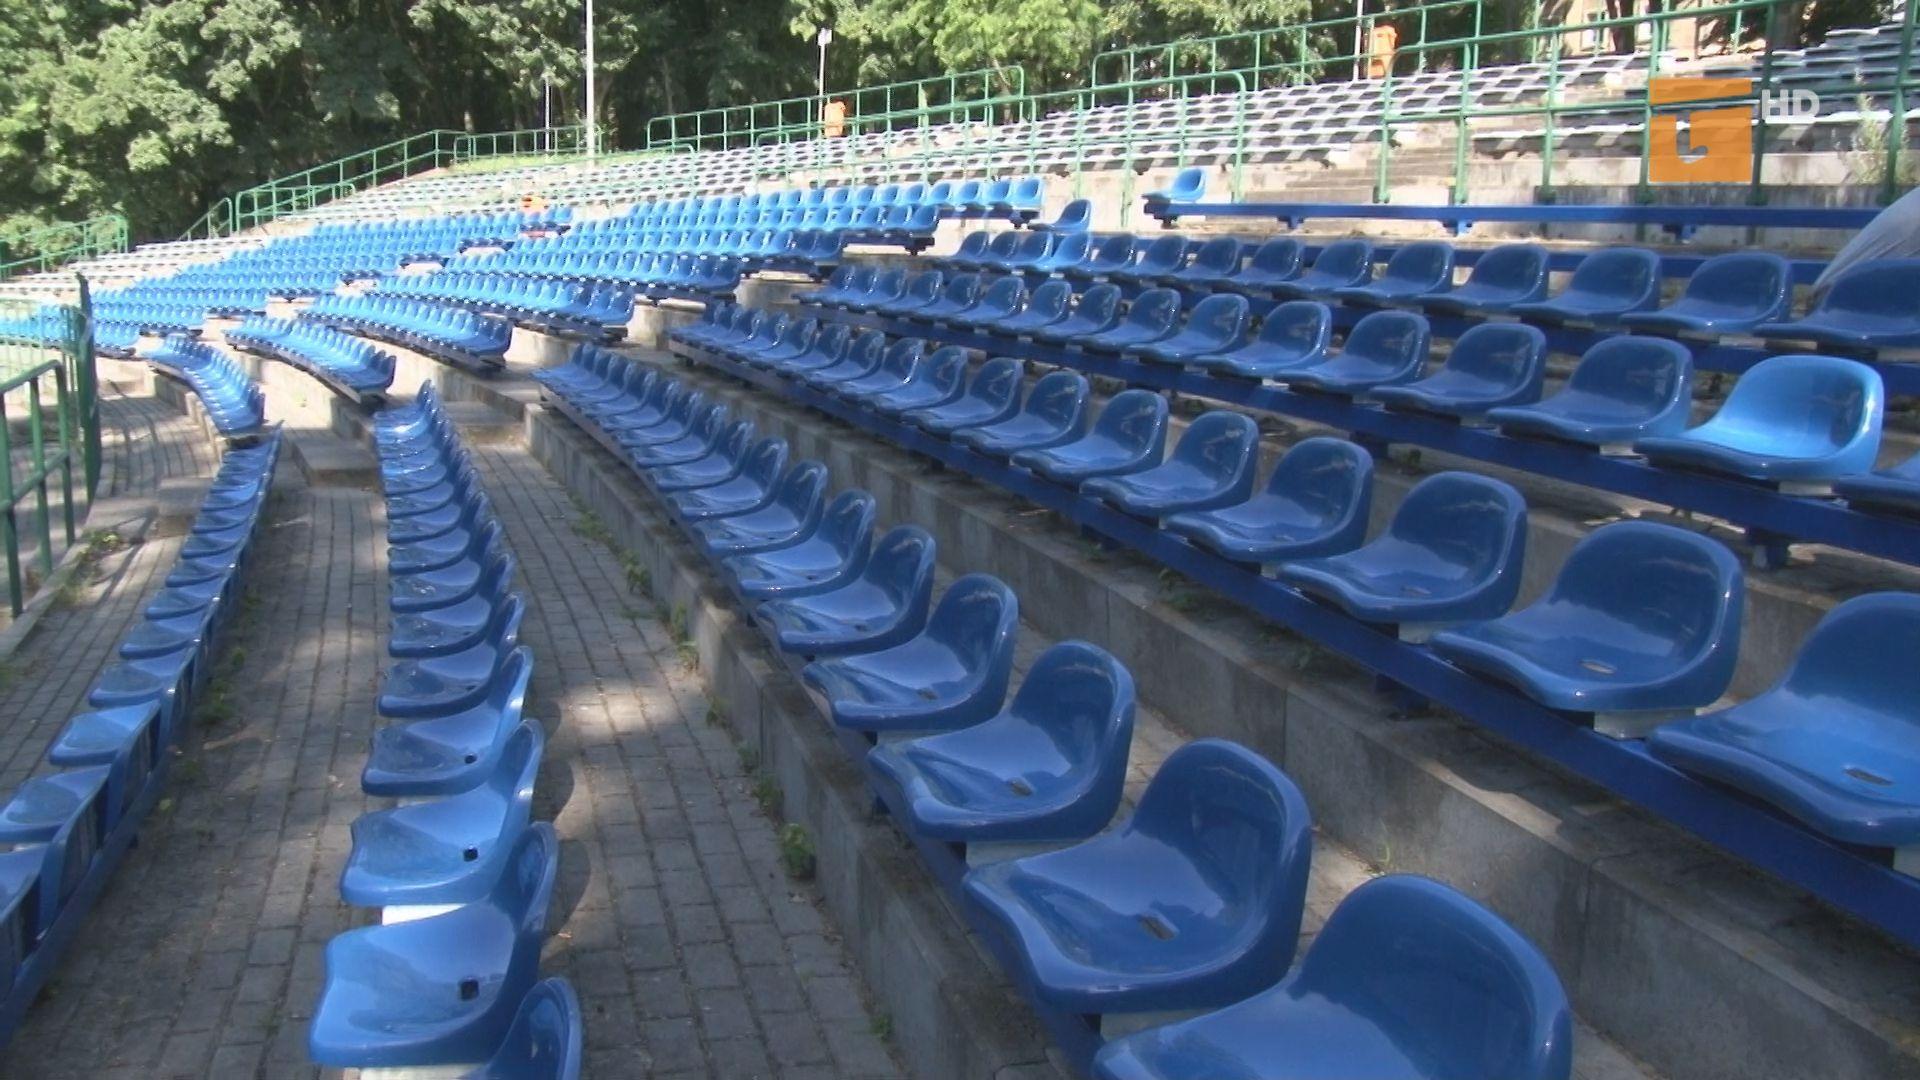 Zakład Usług Komunalnych przystąpił do wymiany siedzisk na widowni amfiteatru